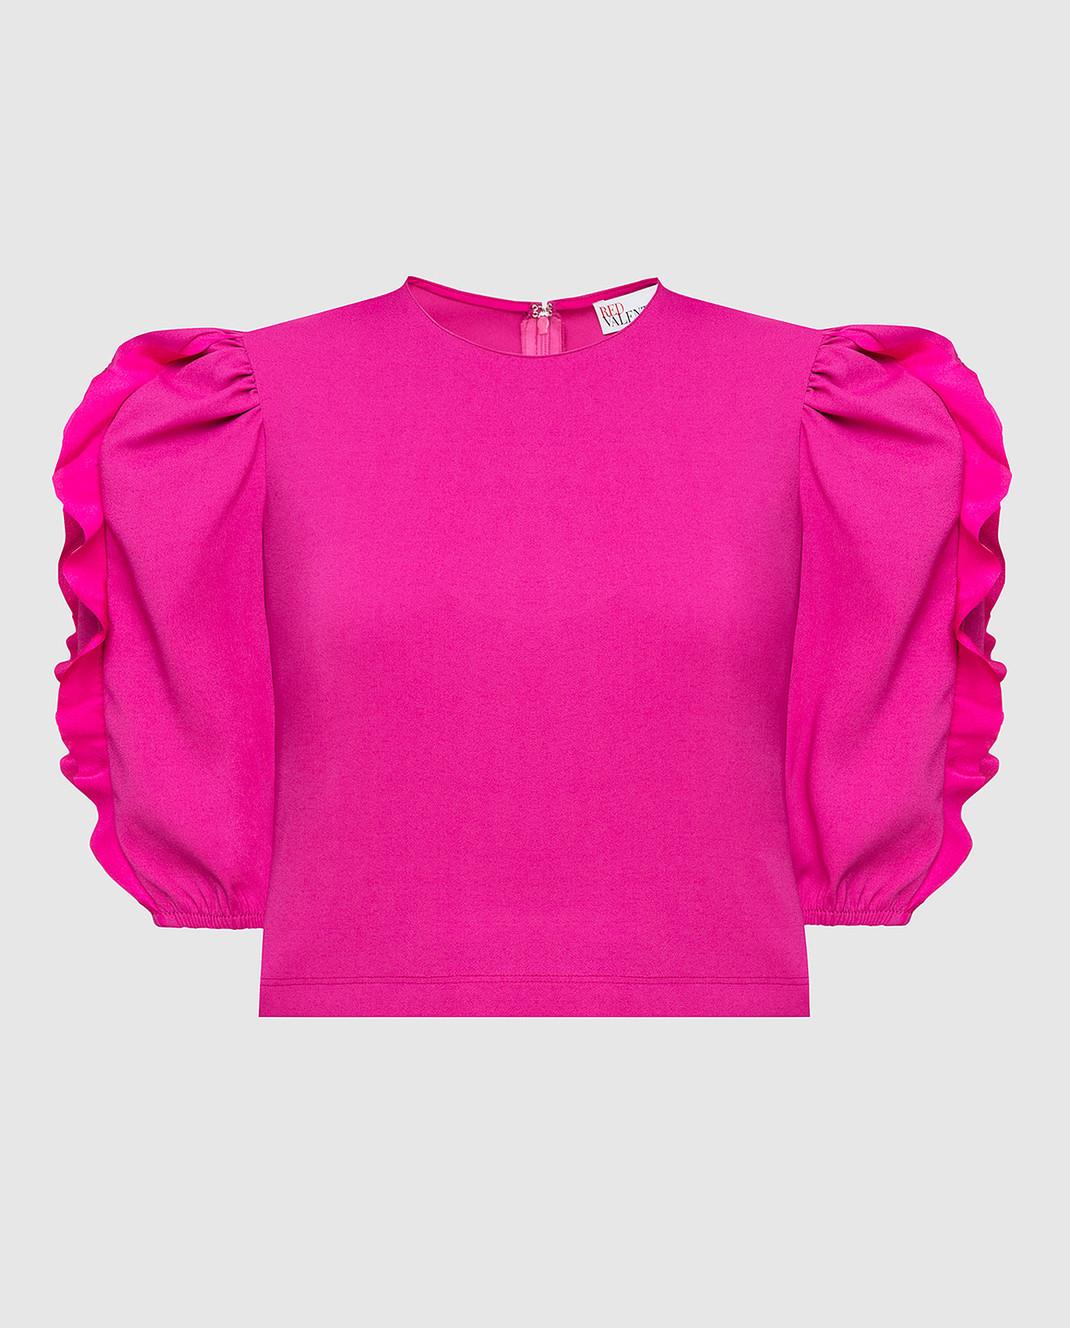 Red Valentino Розовый топ изображение 1